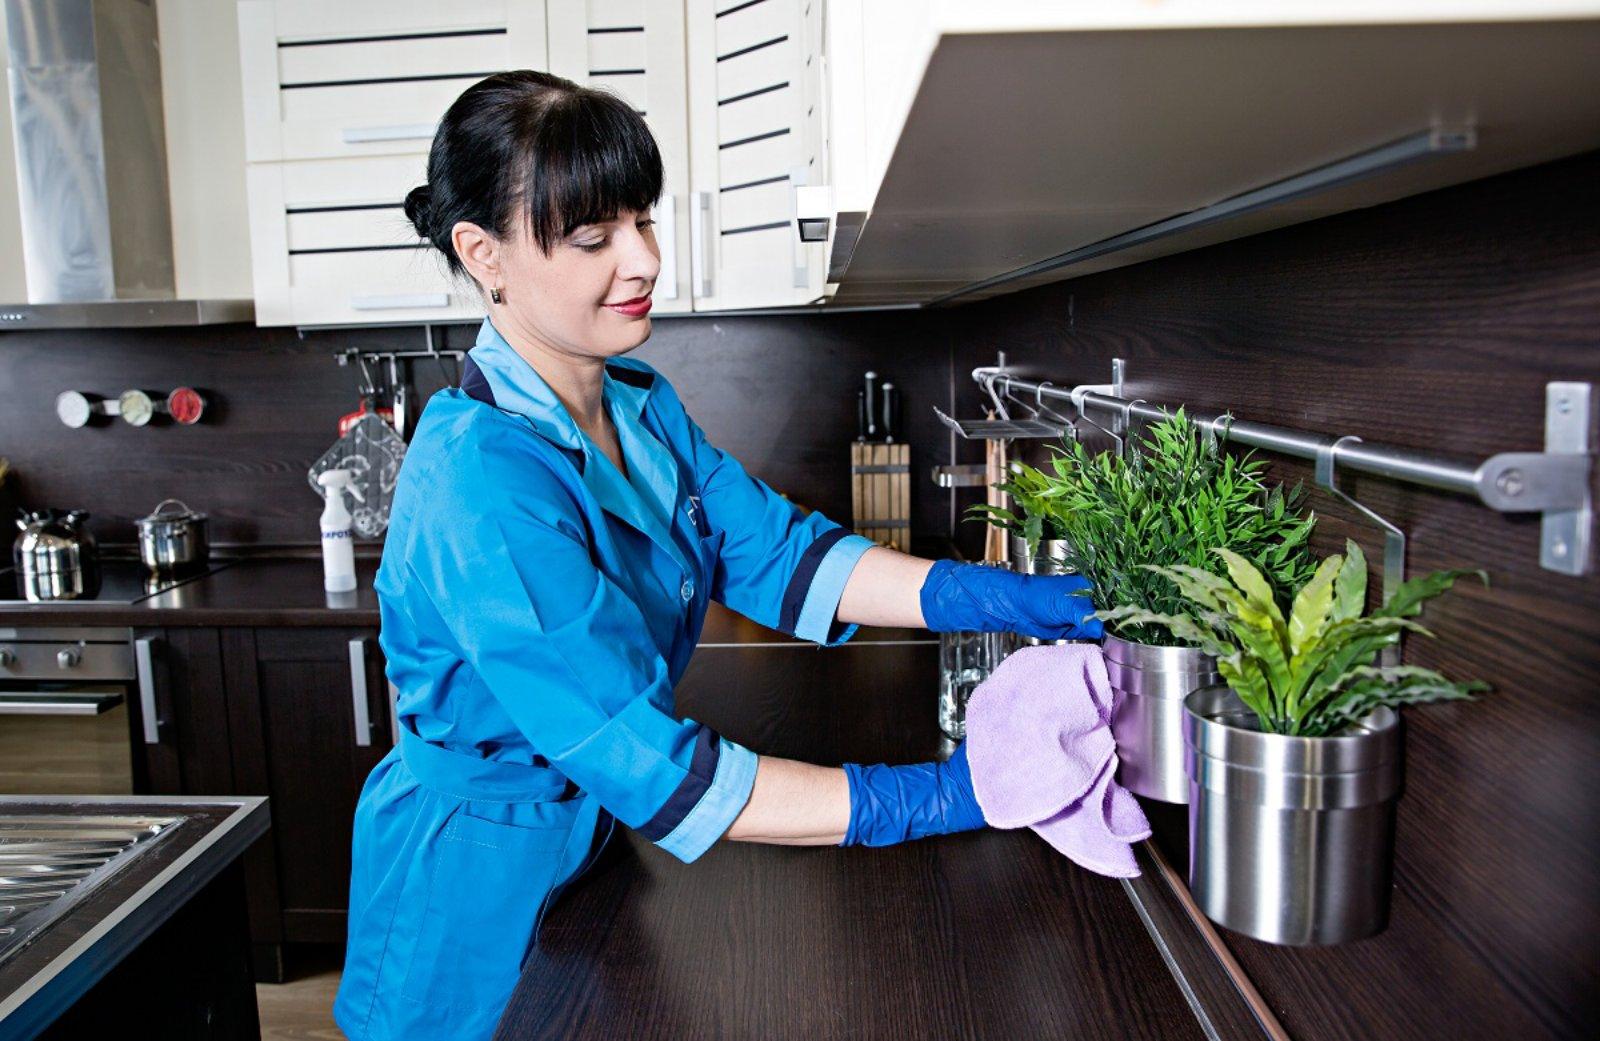 Ищем домработницу, экономку для уборки дома/квартиры